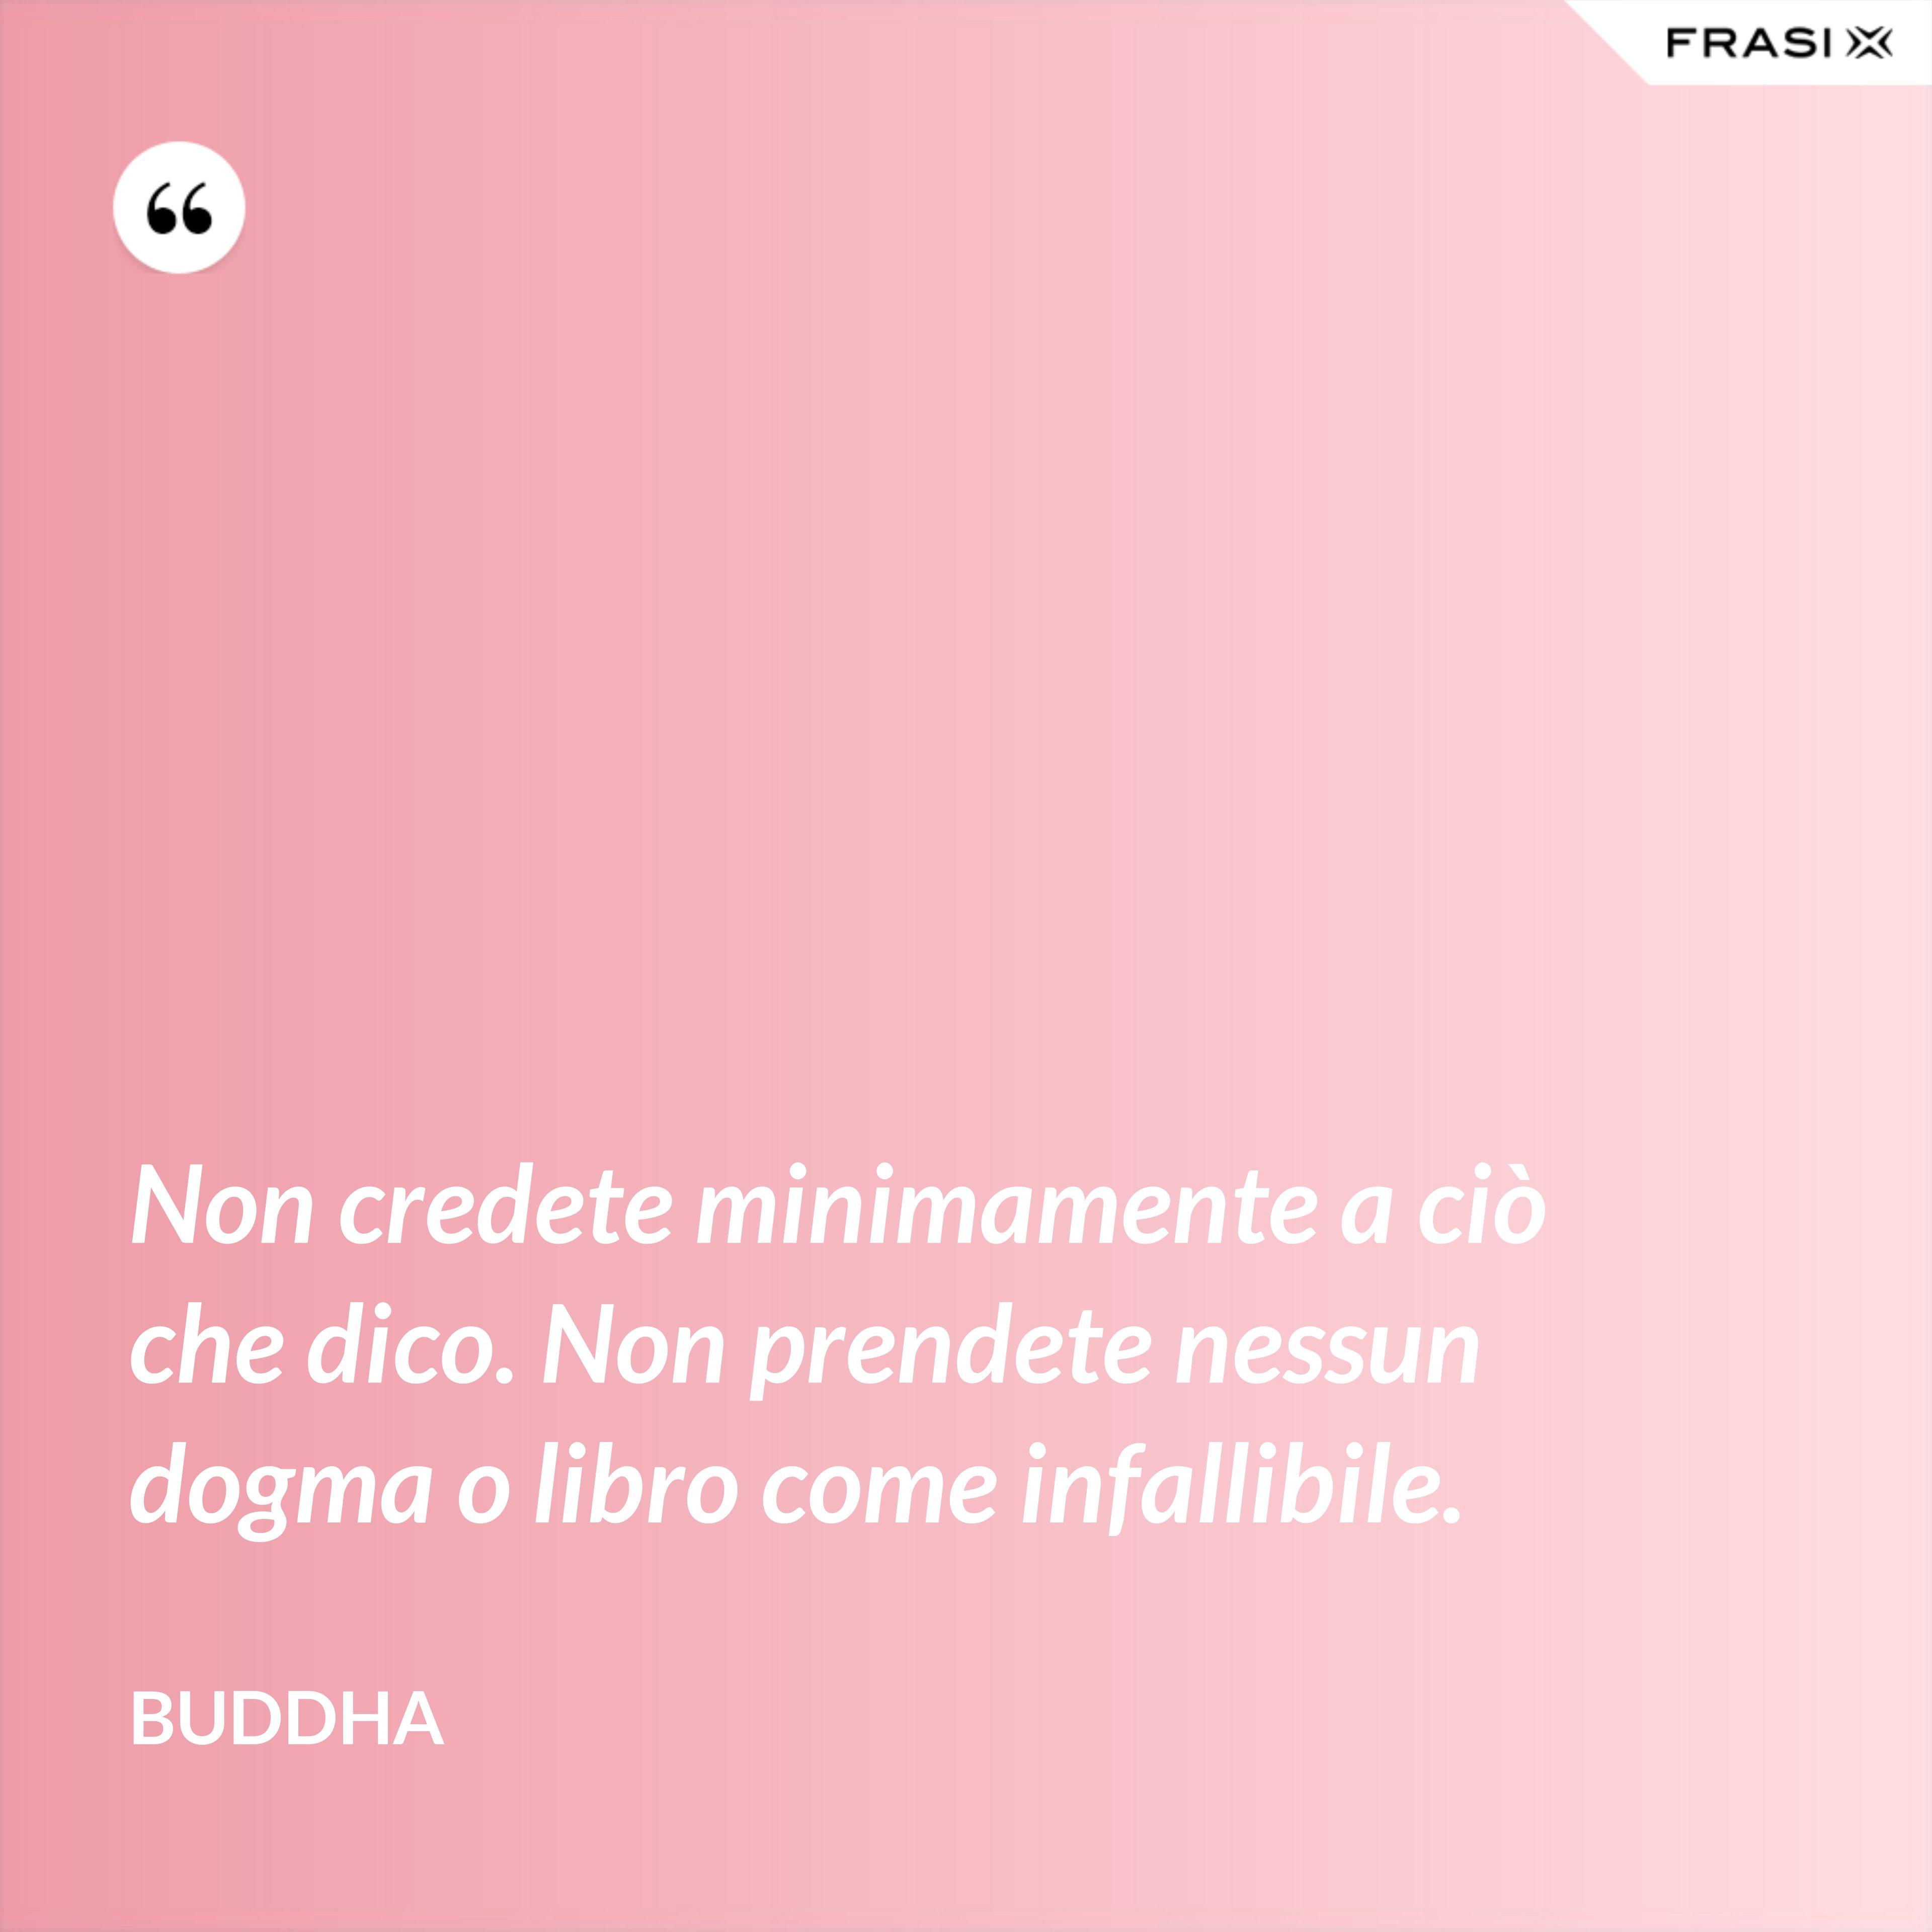 Non credete minimamente a ciò che dico. Non prendete nessun dogma o libro come infallibile. - Buddha